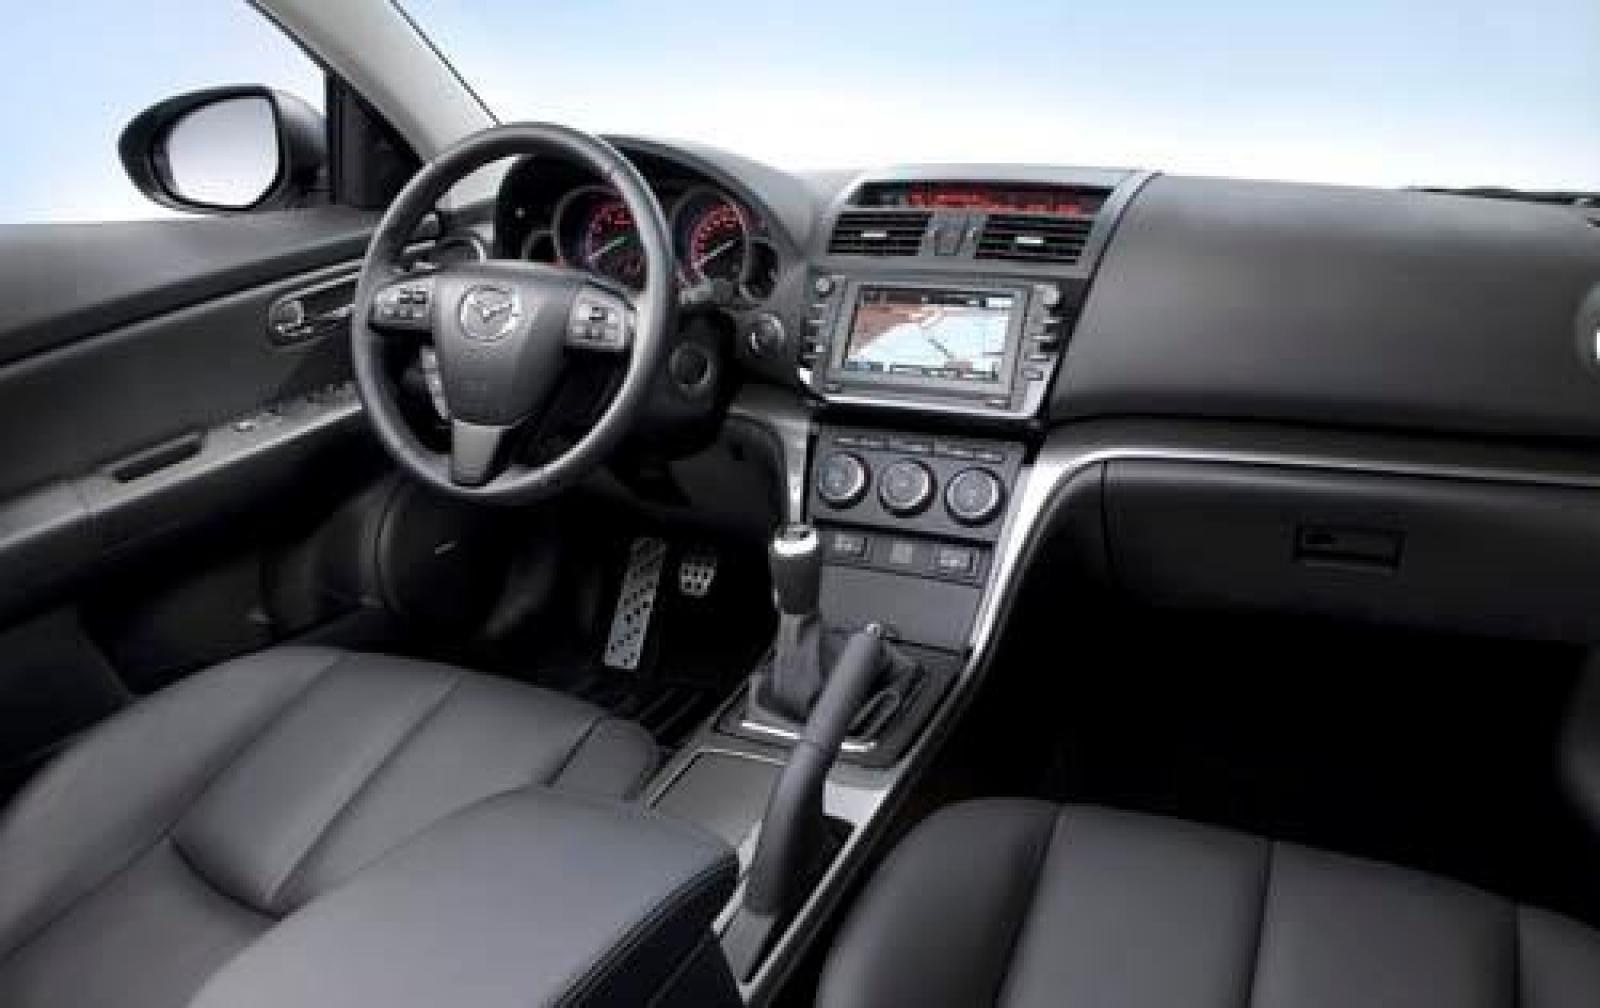 800 1024 1280 1600 Origin 2012 Mazda MAZDA6 ...